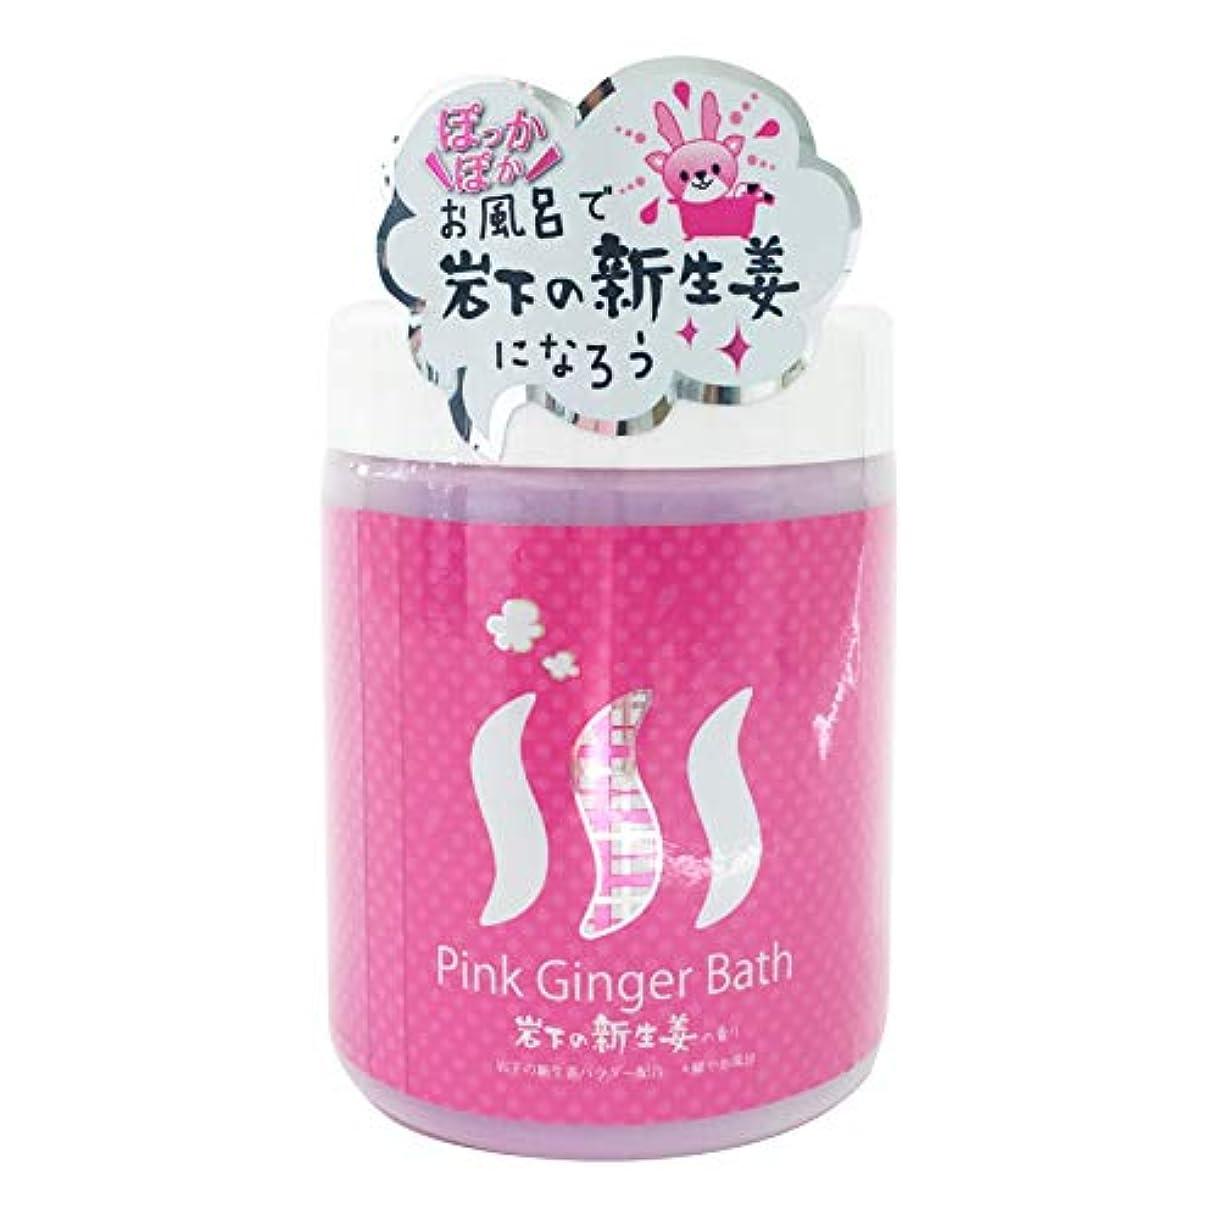 前提田舎すでにピンクジンジャーバス 入浴剤 岩下の新生姜の香り 370g(7回分)